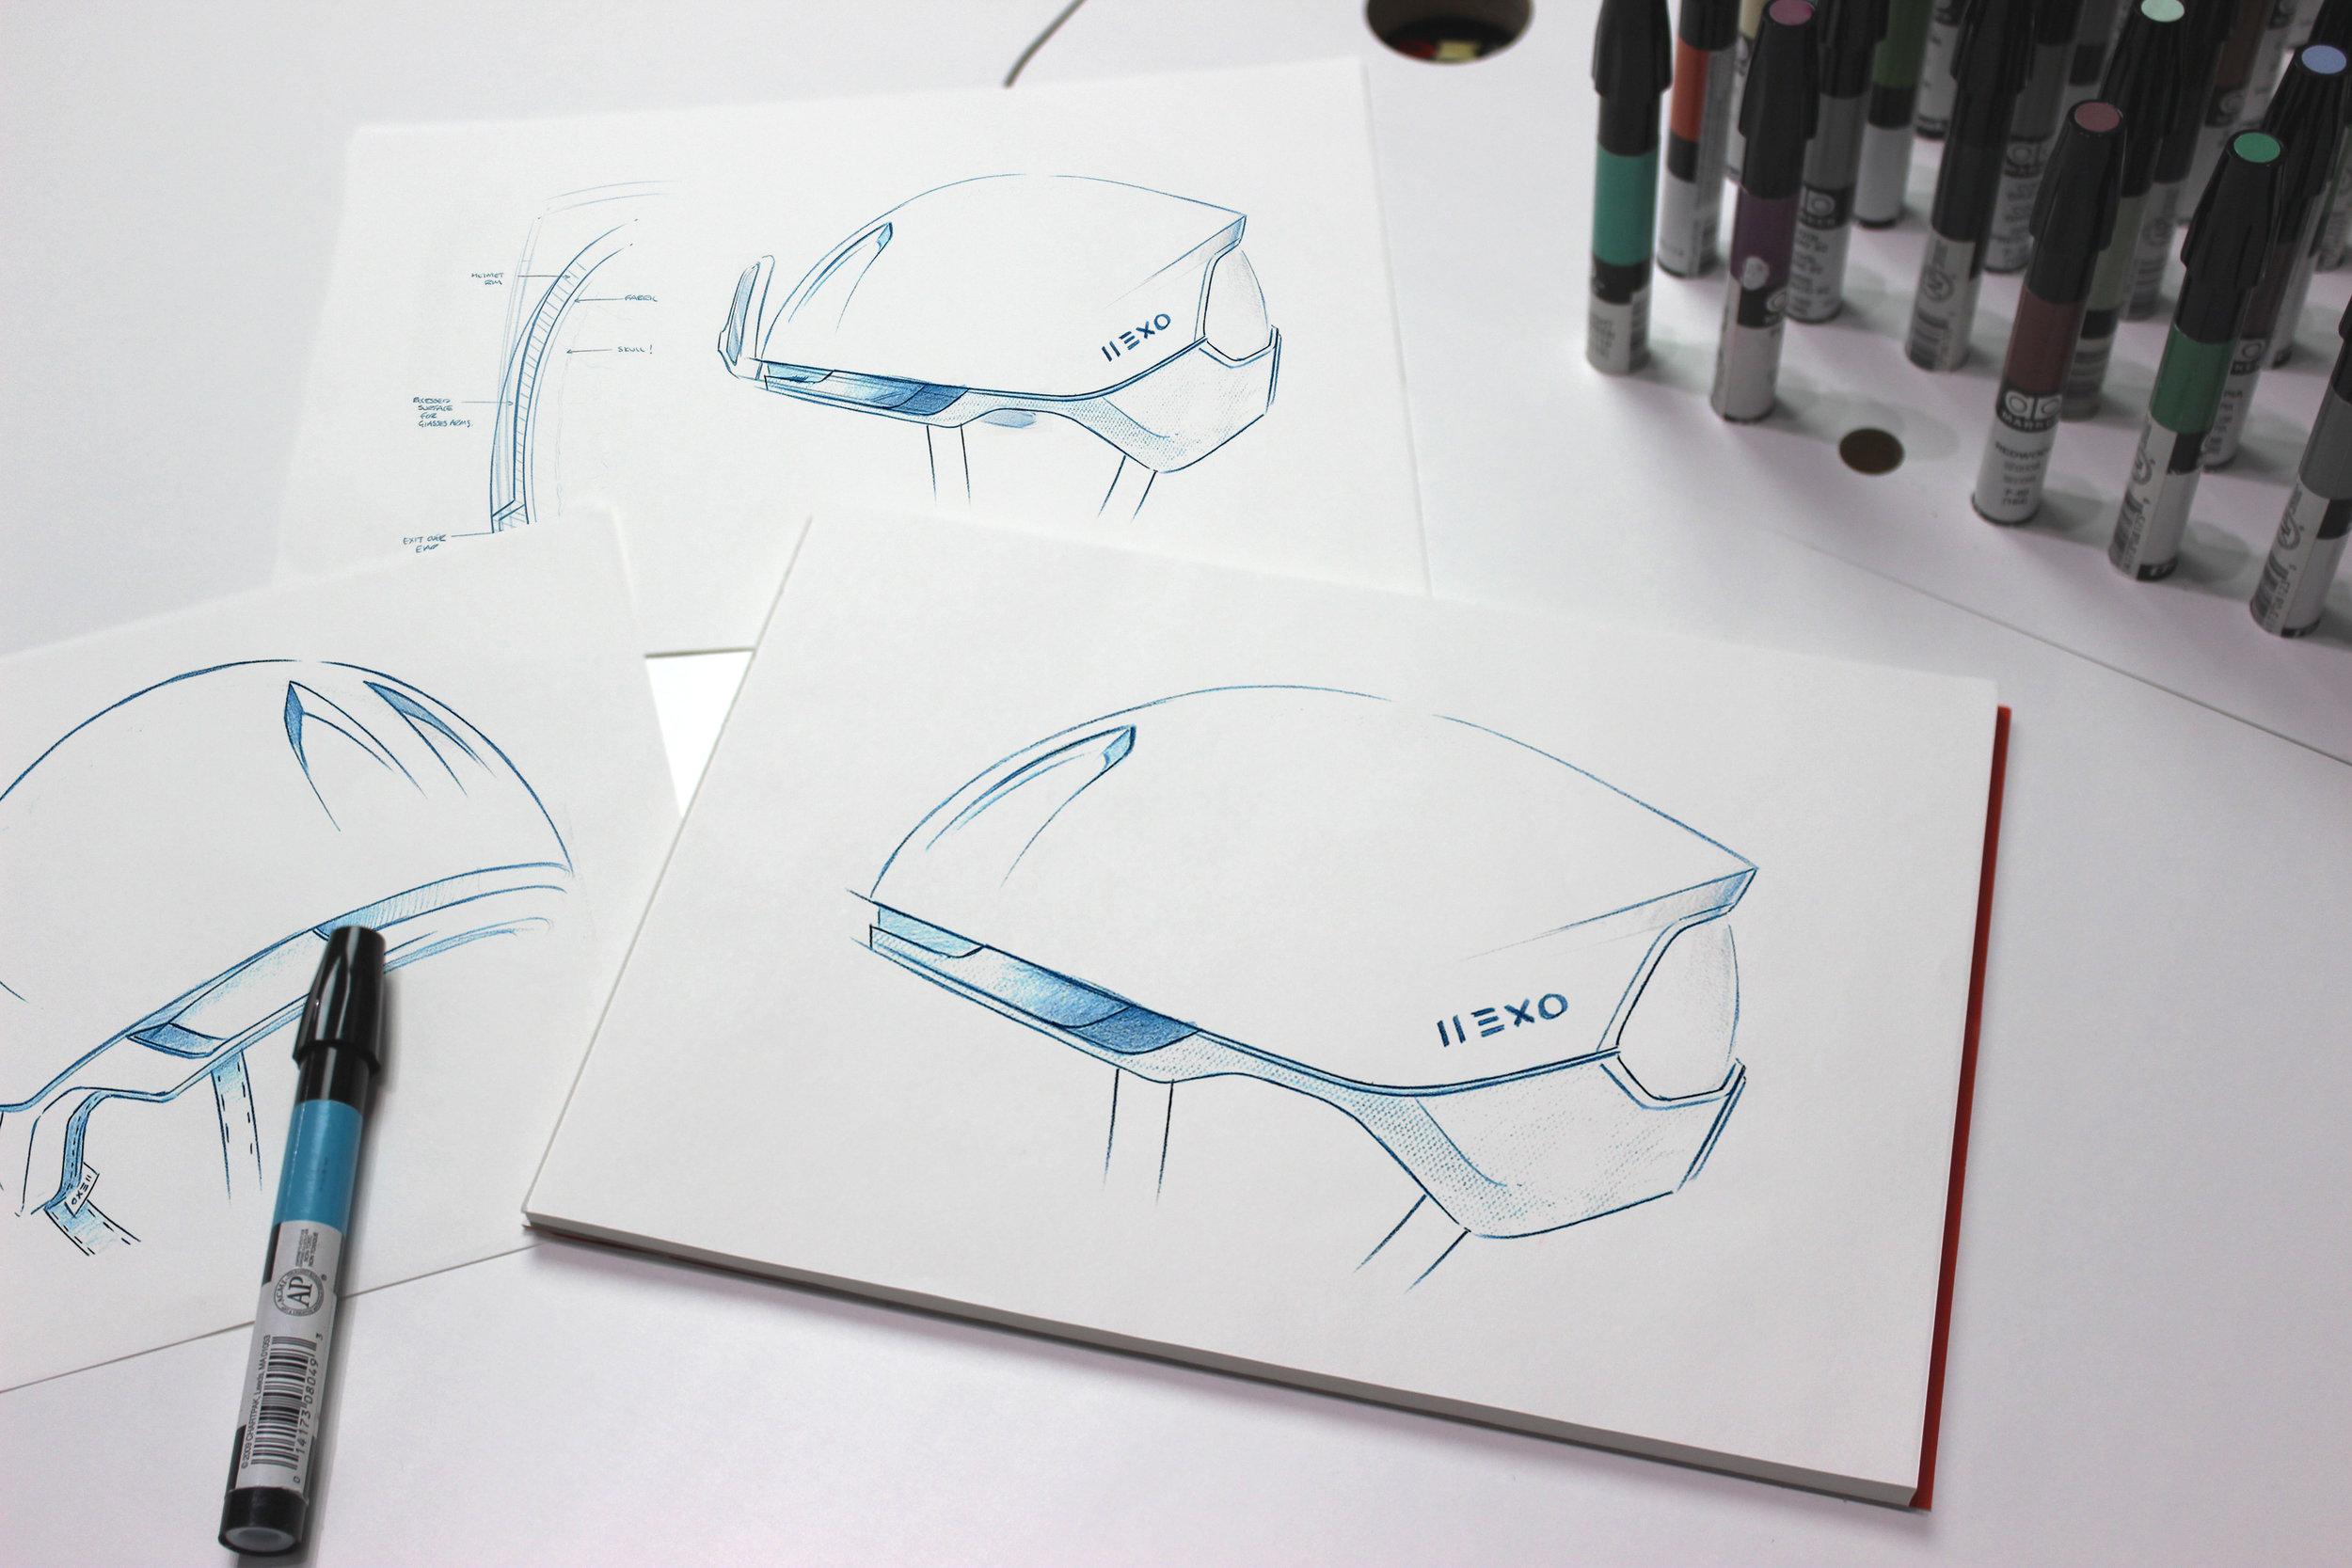 Hexr | Developed concept route